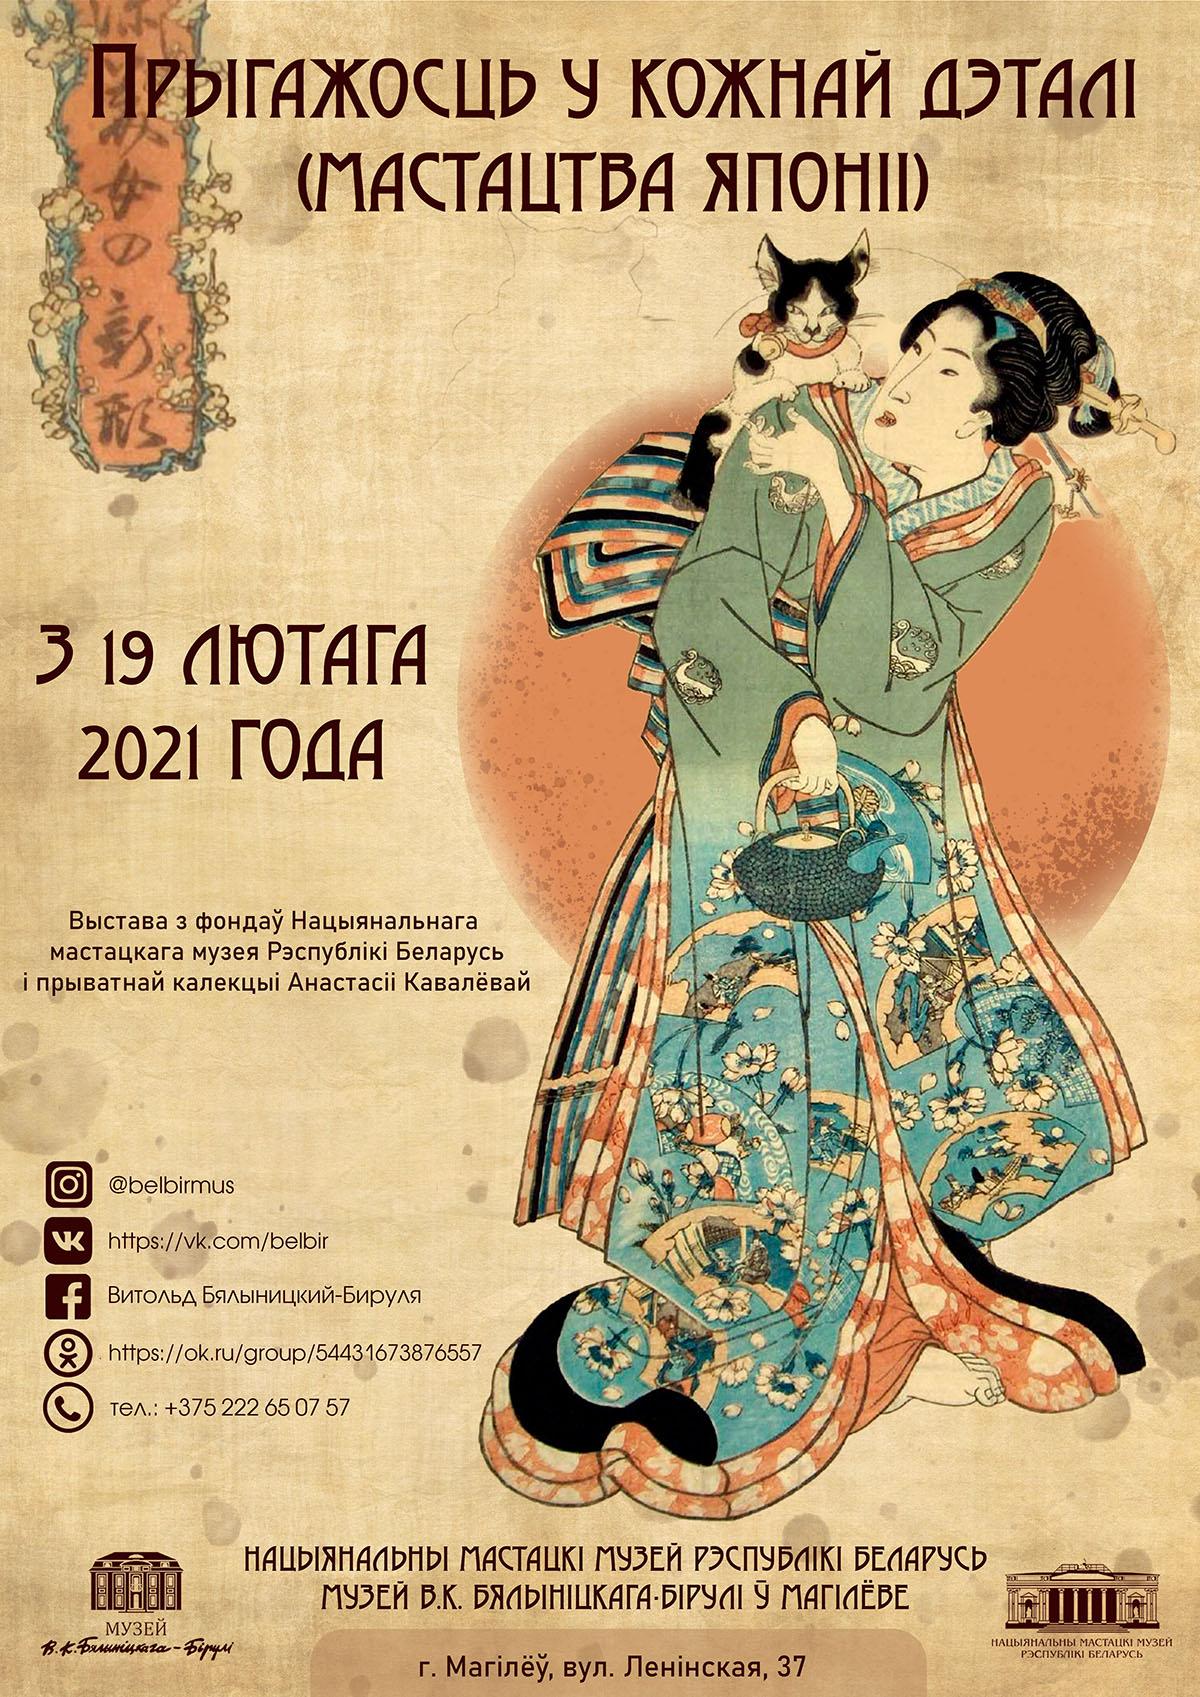 Вмогилевском музее Бялыницкого-Бирули открылись две новые выставки